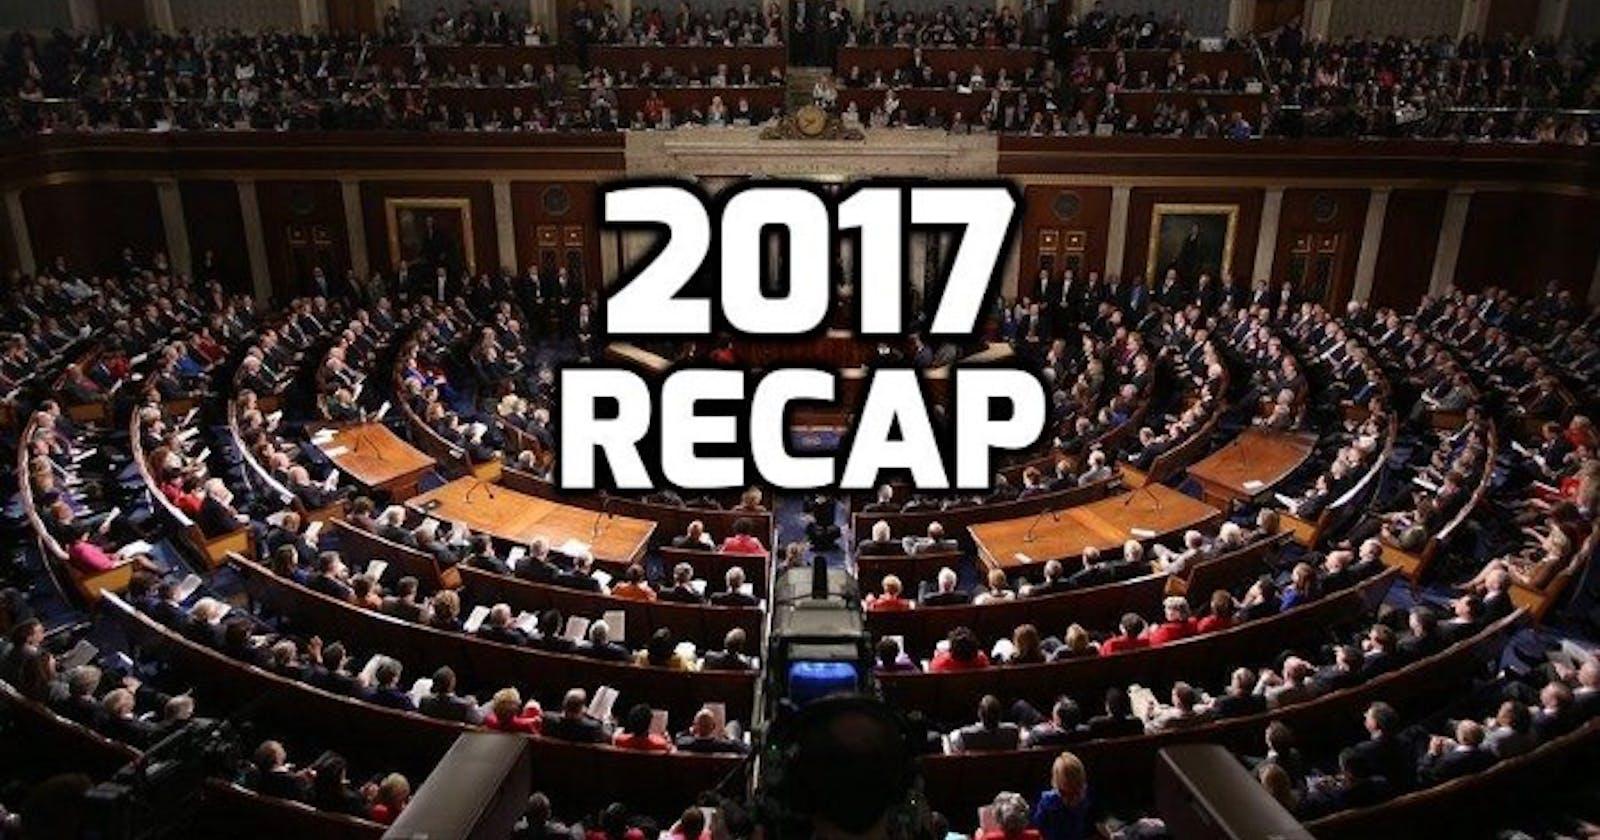 A recap of 2017